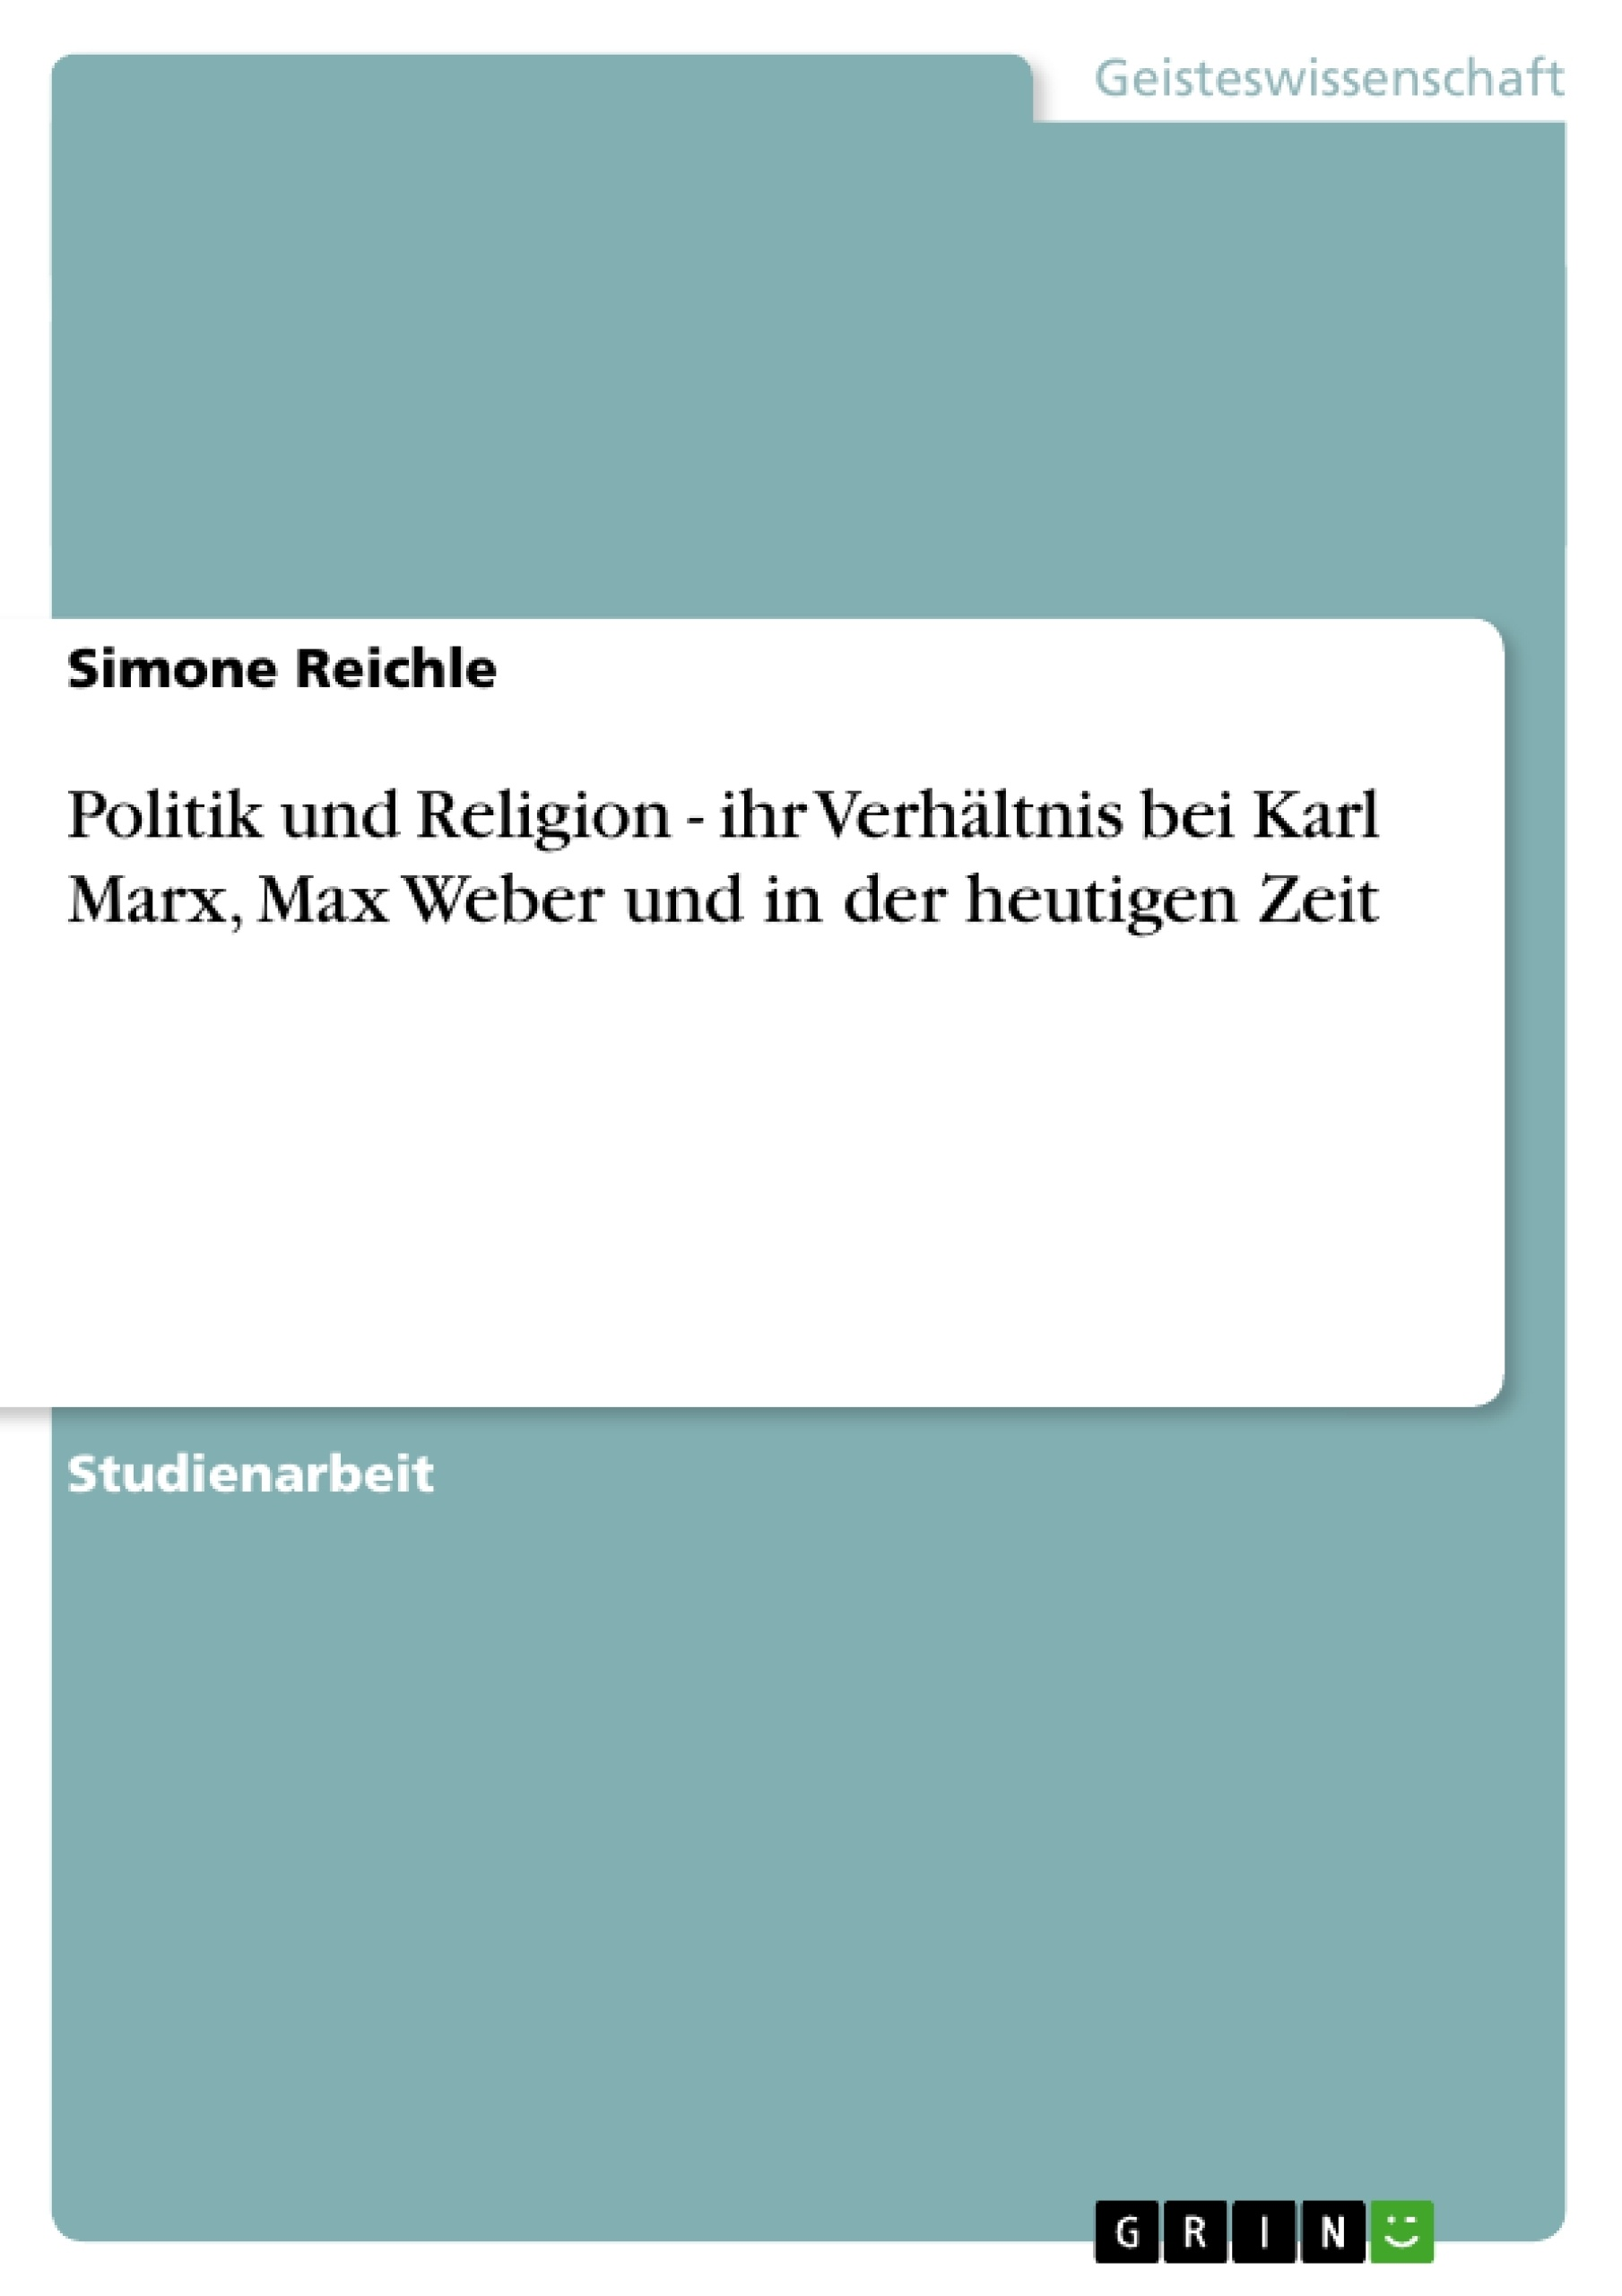 Titel: Politik und Religion - ihr Verhältnis bei Karl Marx, Max Weber und in der heutigen Zeit